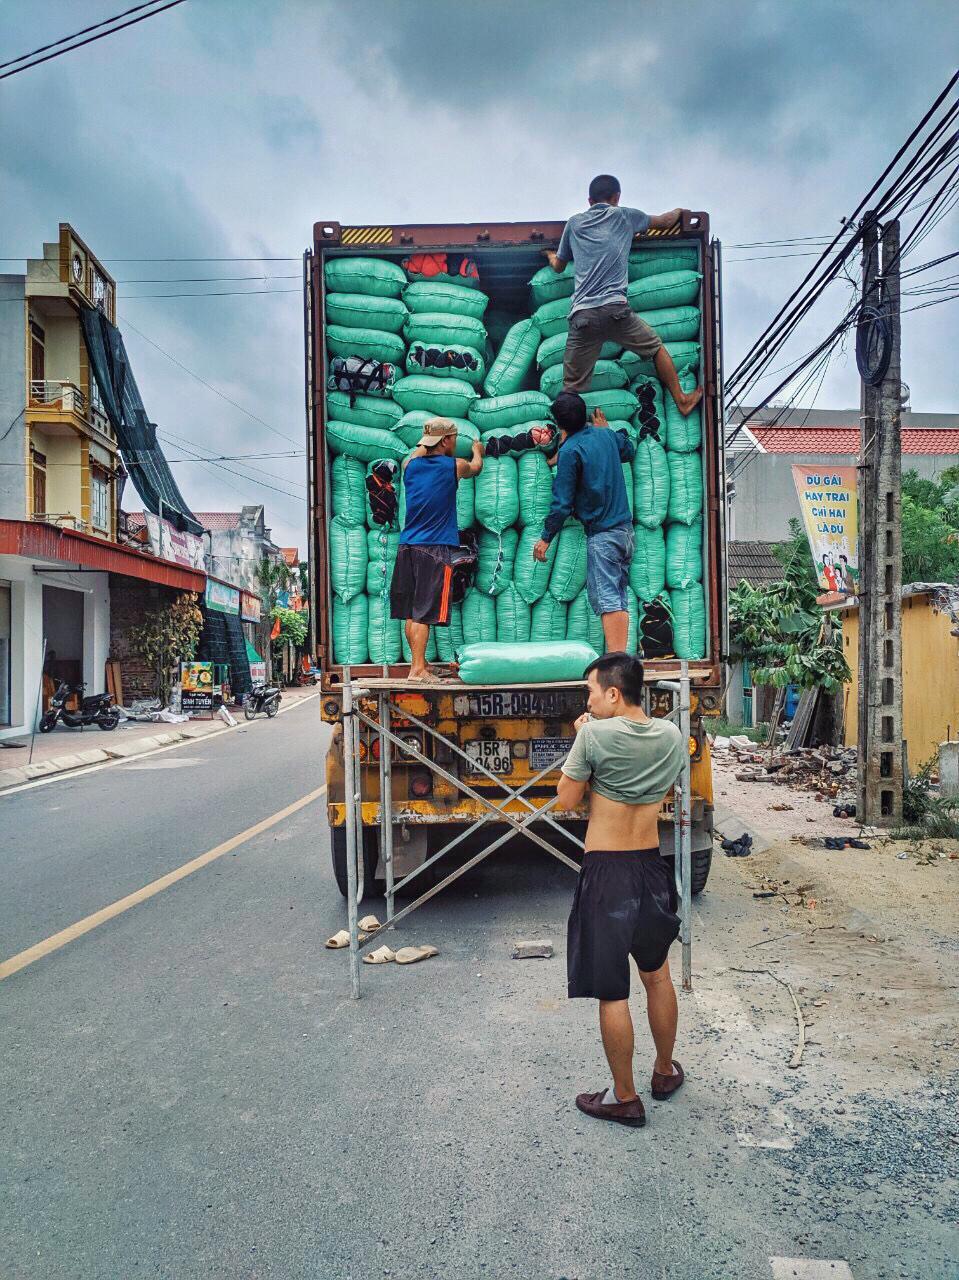 Caminhão com sacos de 20kg contendo panos de resíduos industriais, feitos de algodão, para serem comercializados para indústrias de portes diversos.